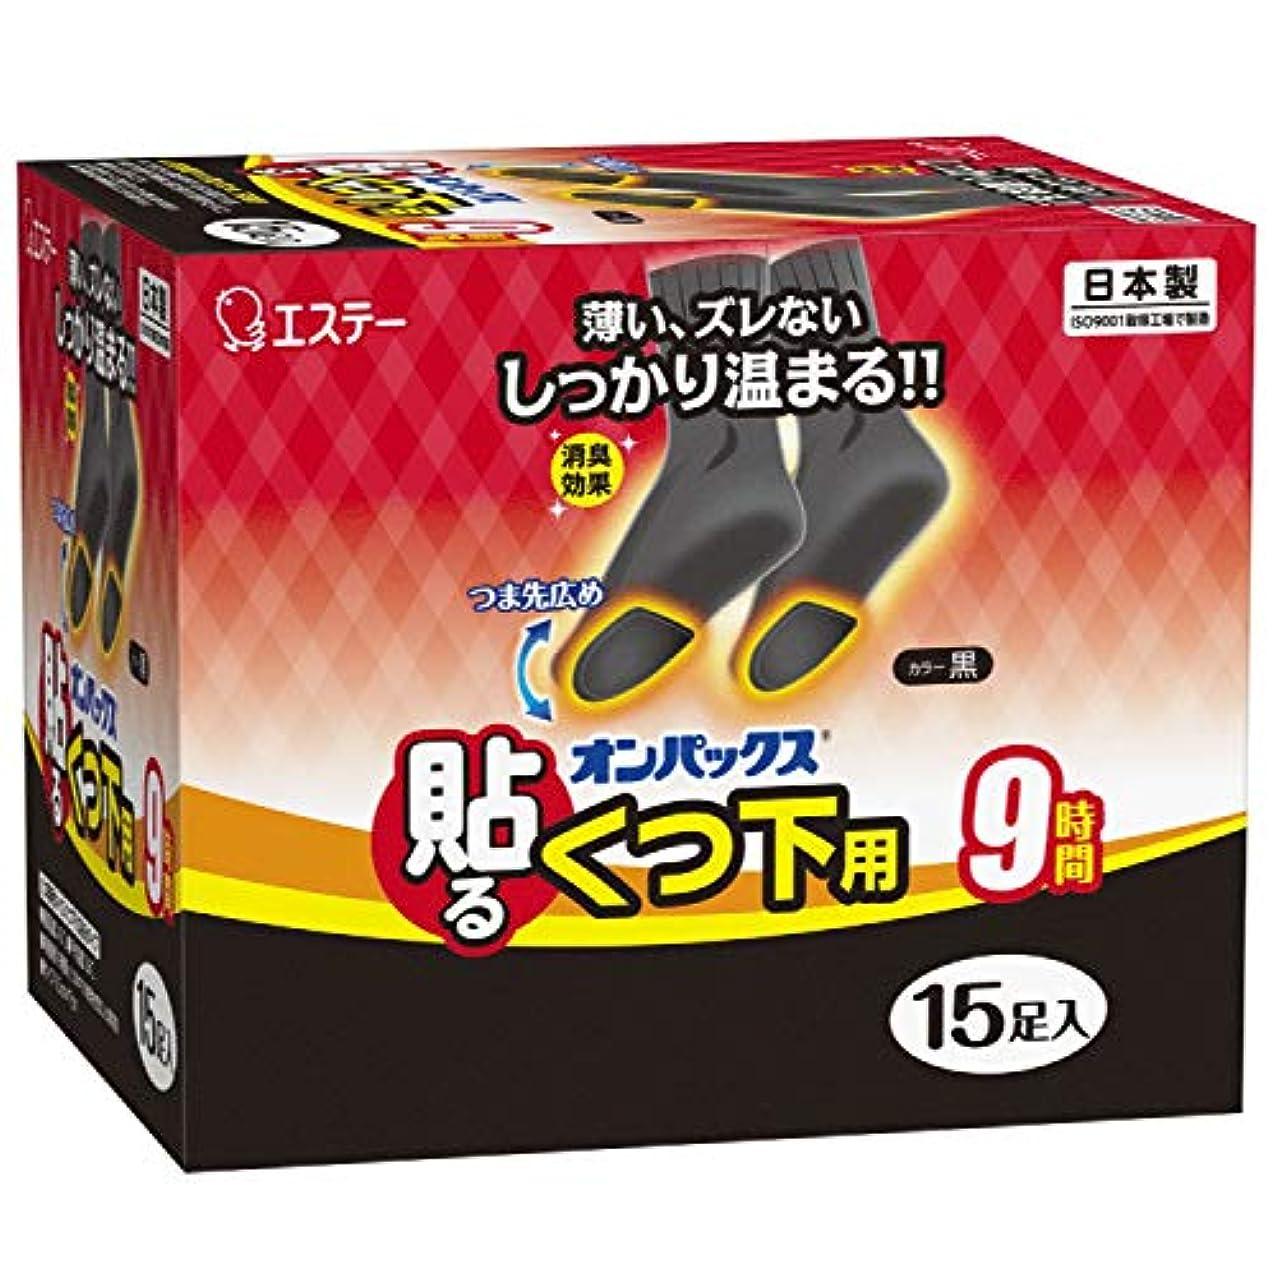 ラケット疫病改革オンパックス くつ下用 靴下 足 貼るカイロ 黒タイプ 15足入 【日本製/持続時間約9時間】